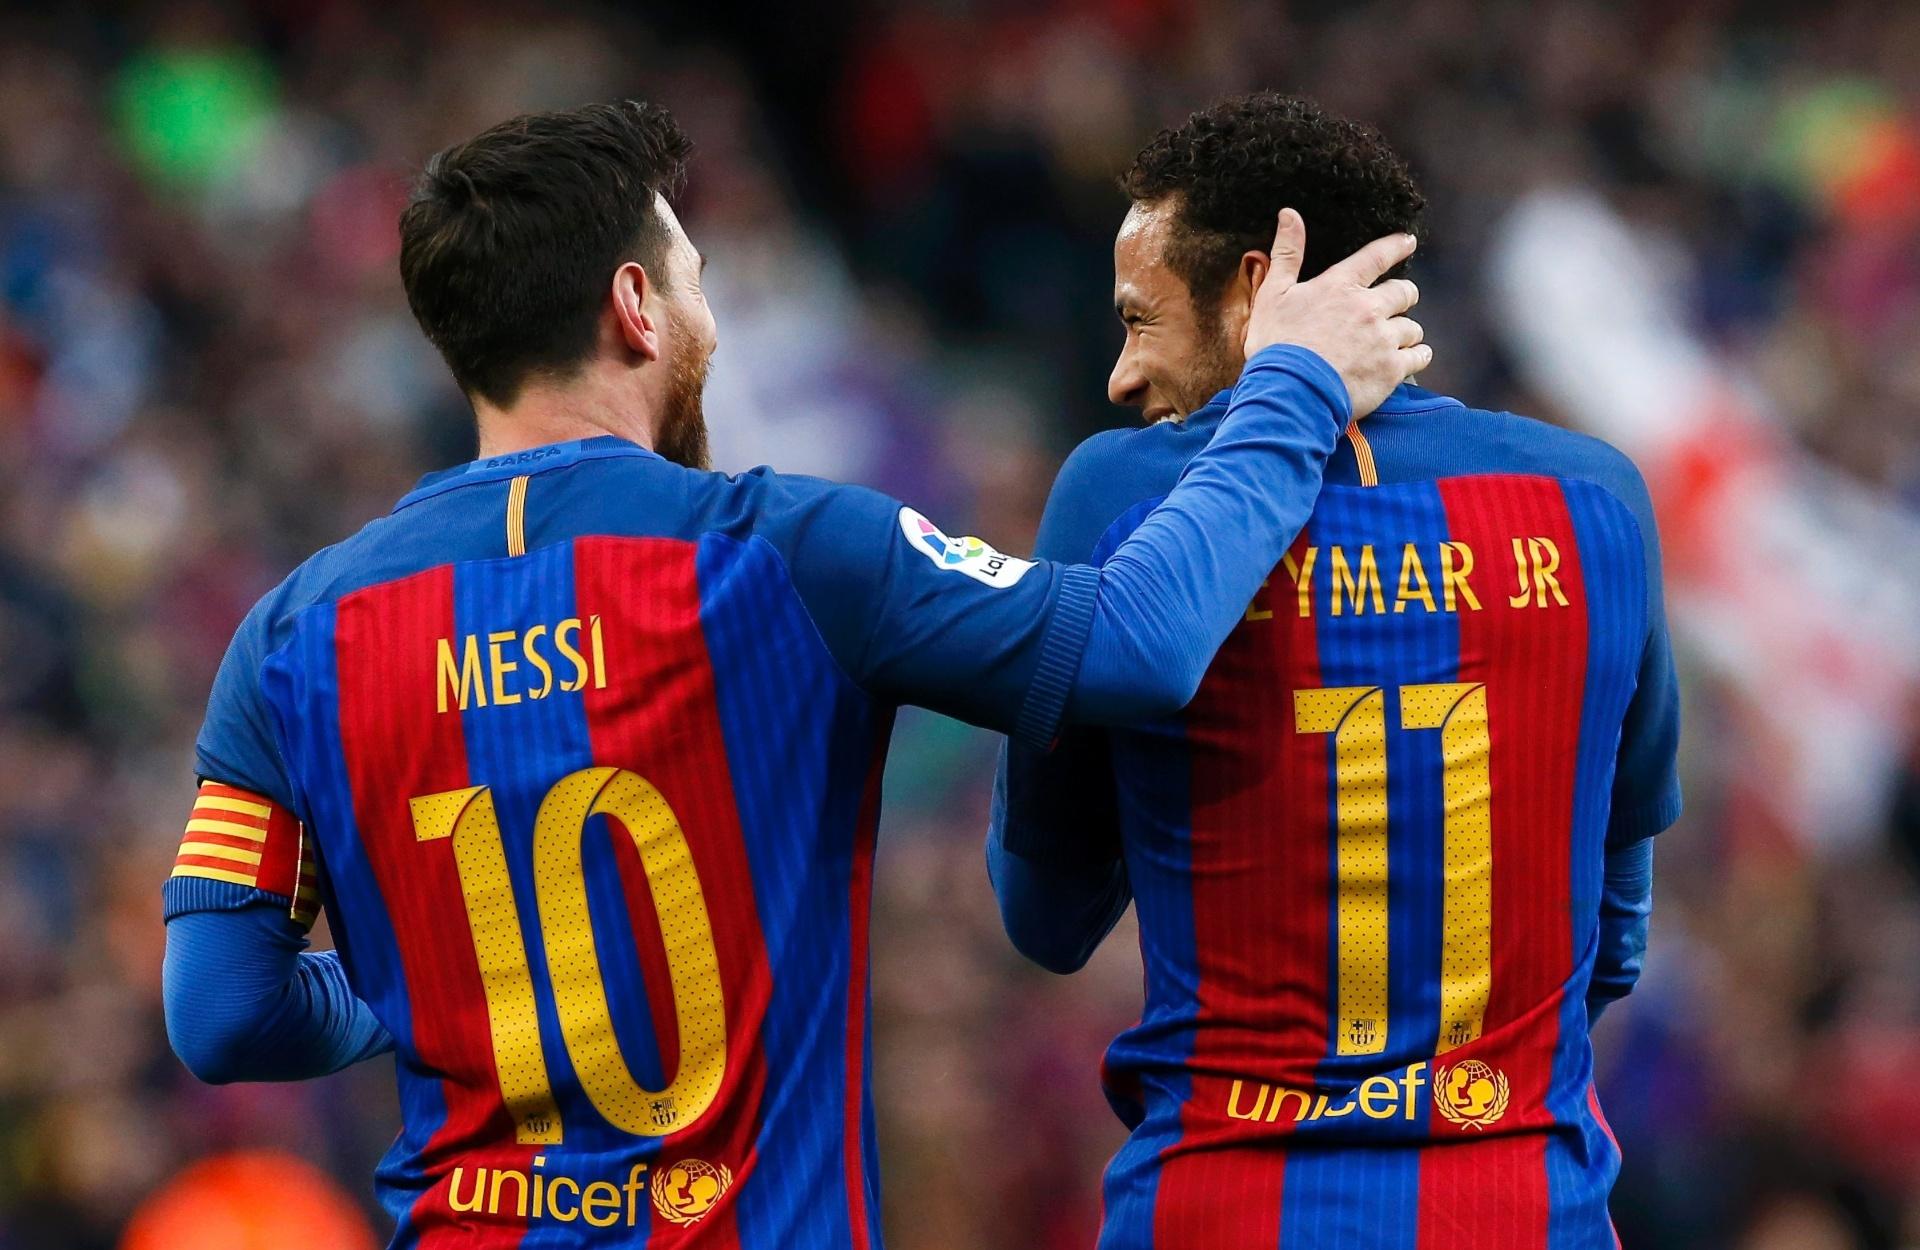 Neymar chegou ao centésimo gol pelo Barcelona mais rápido que Messi -  02 04 2017 - UOL Esporte 508e26116f9c8